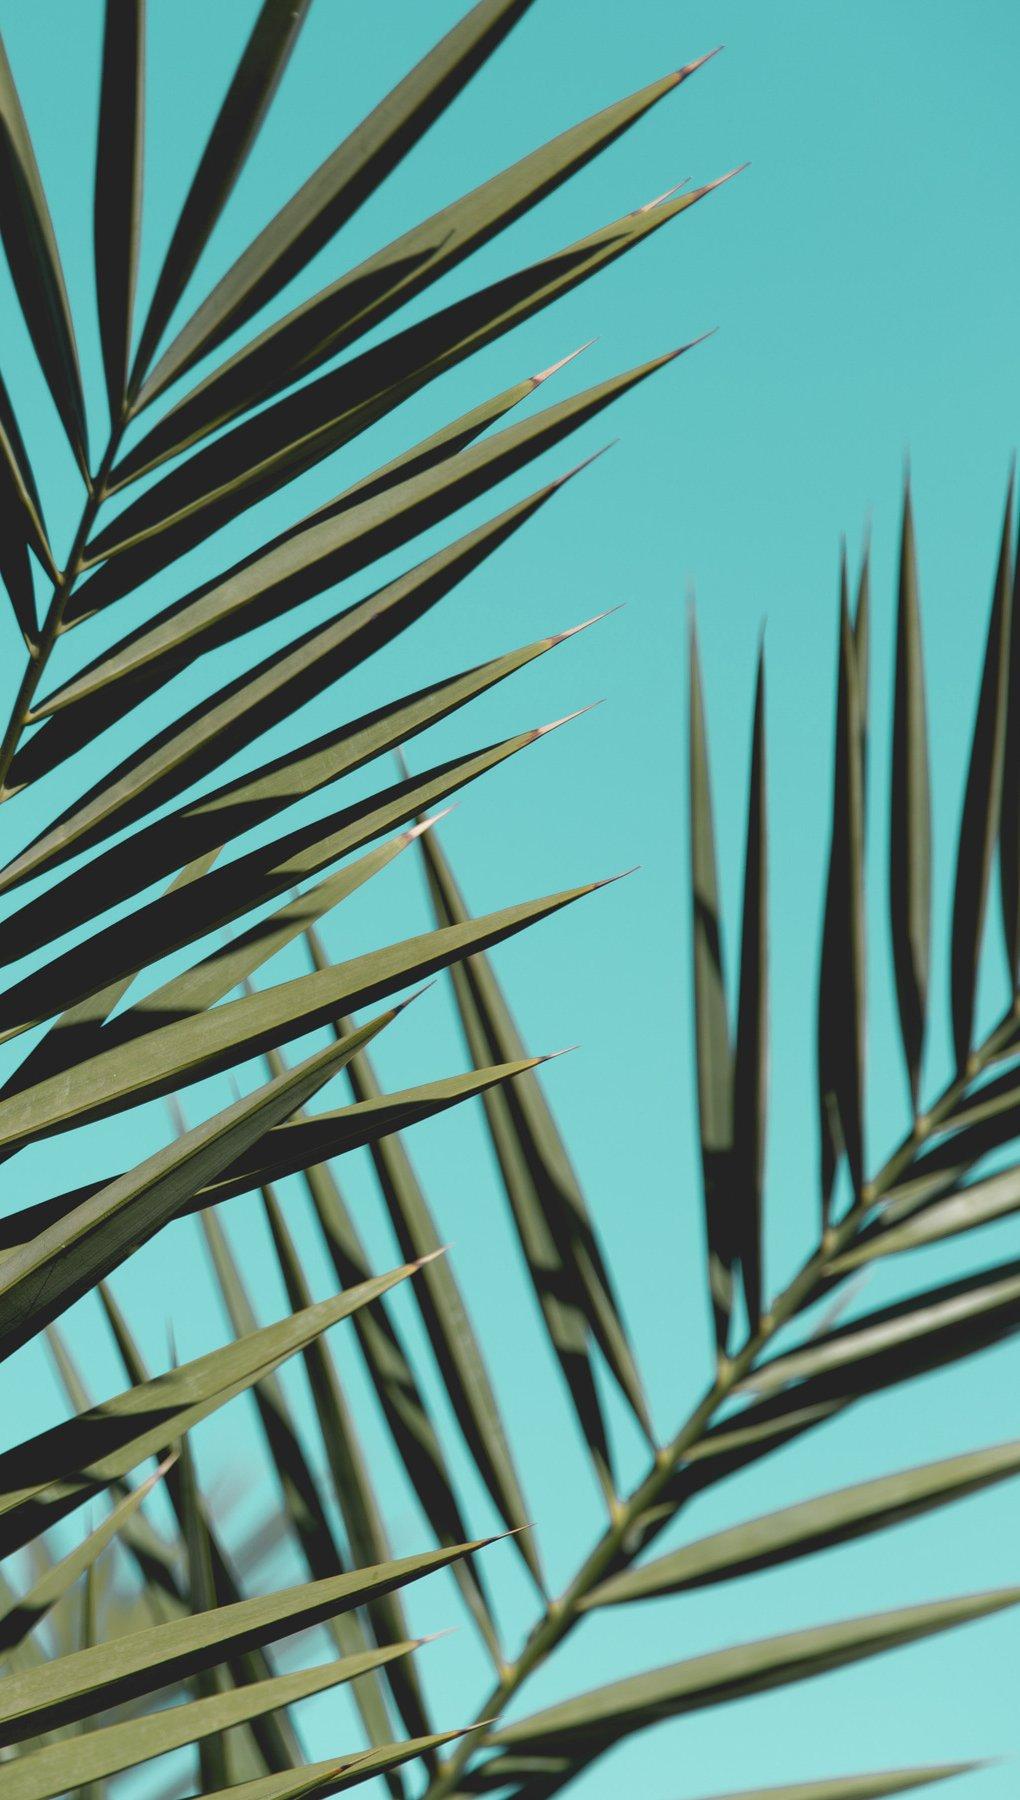 Fondos de pantalla Hojas de palmera Vertical